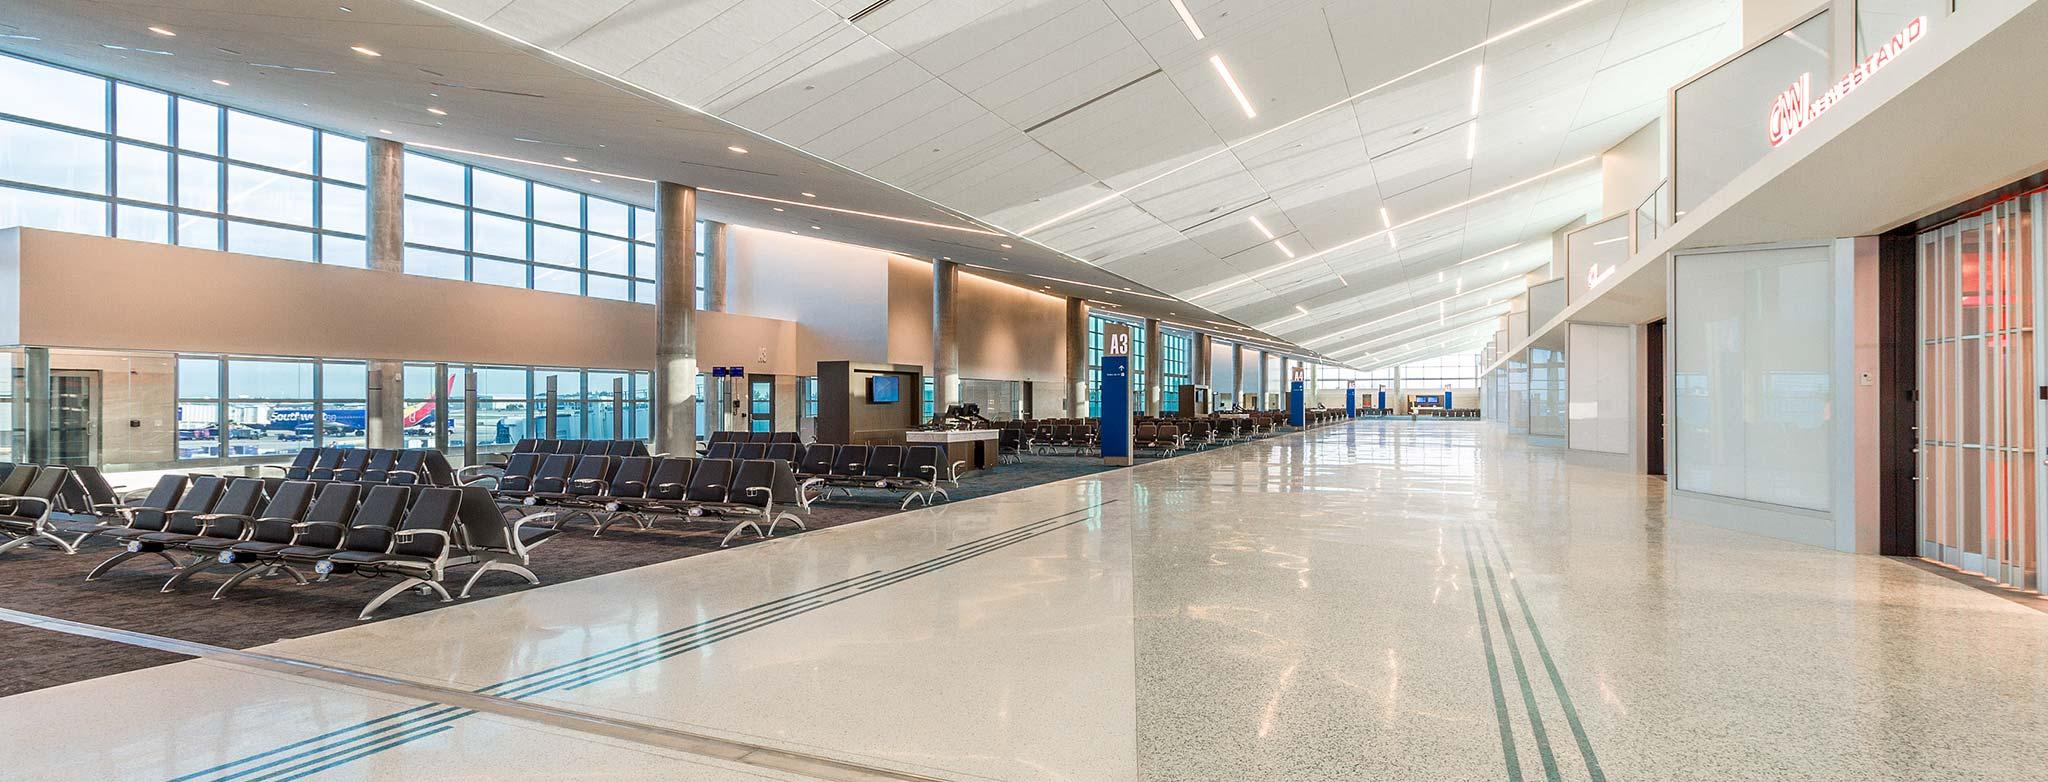 FLL Terminal 1